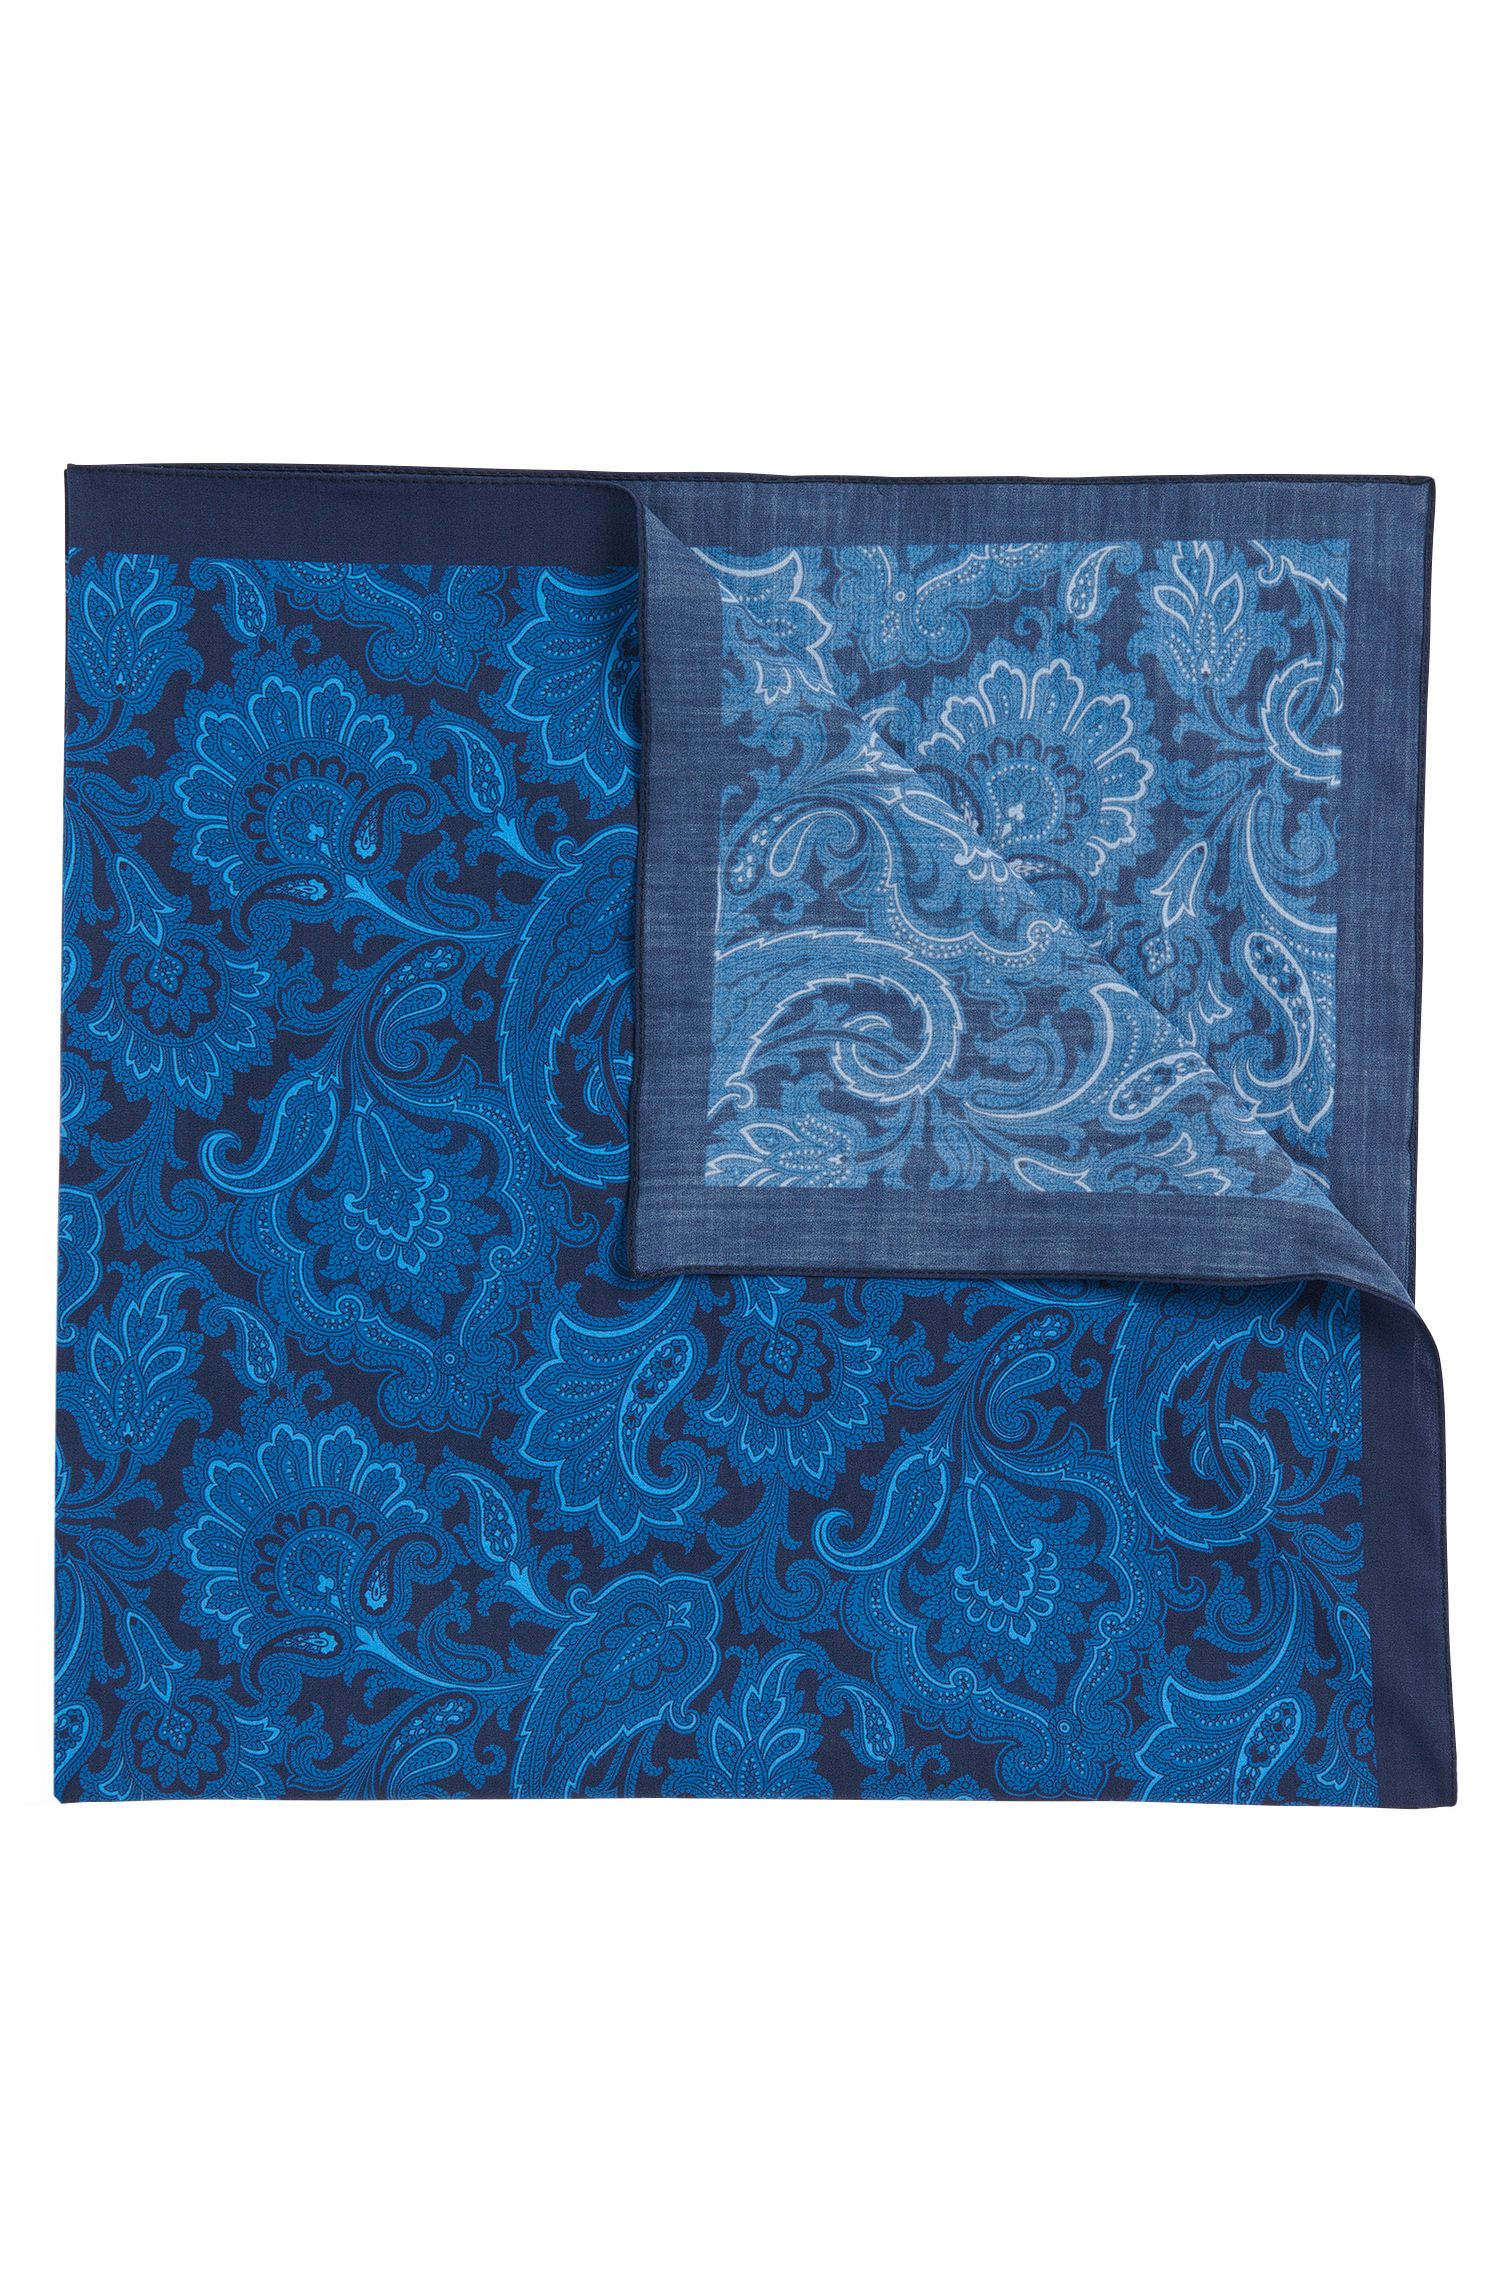 Bandana in cotton with Paisley pattern: 'Bandana cm 60x60'